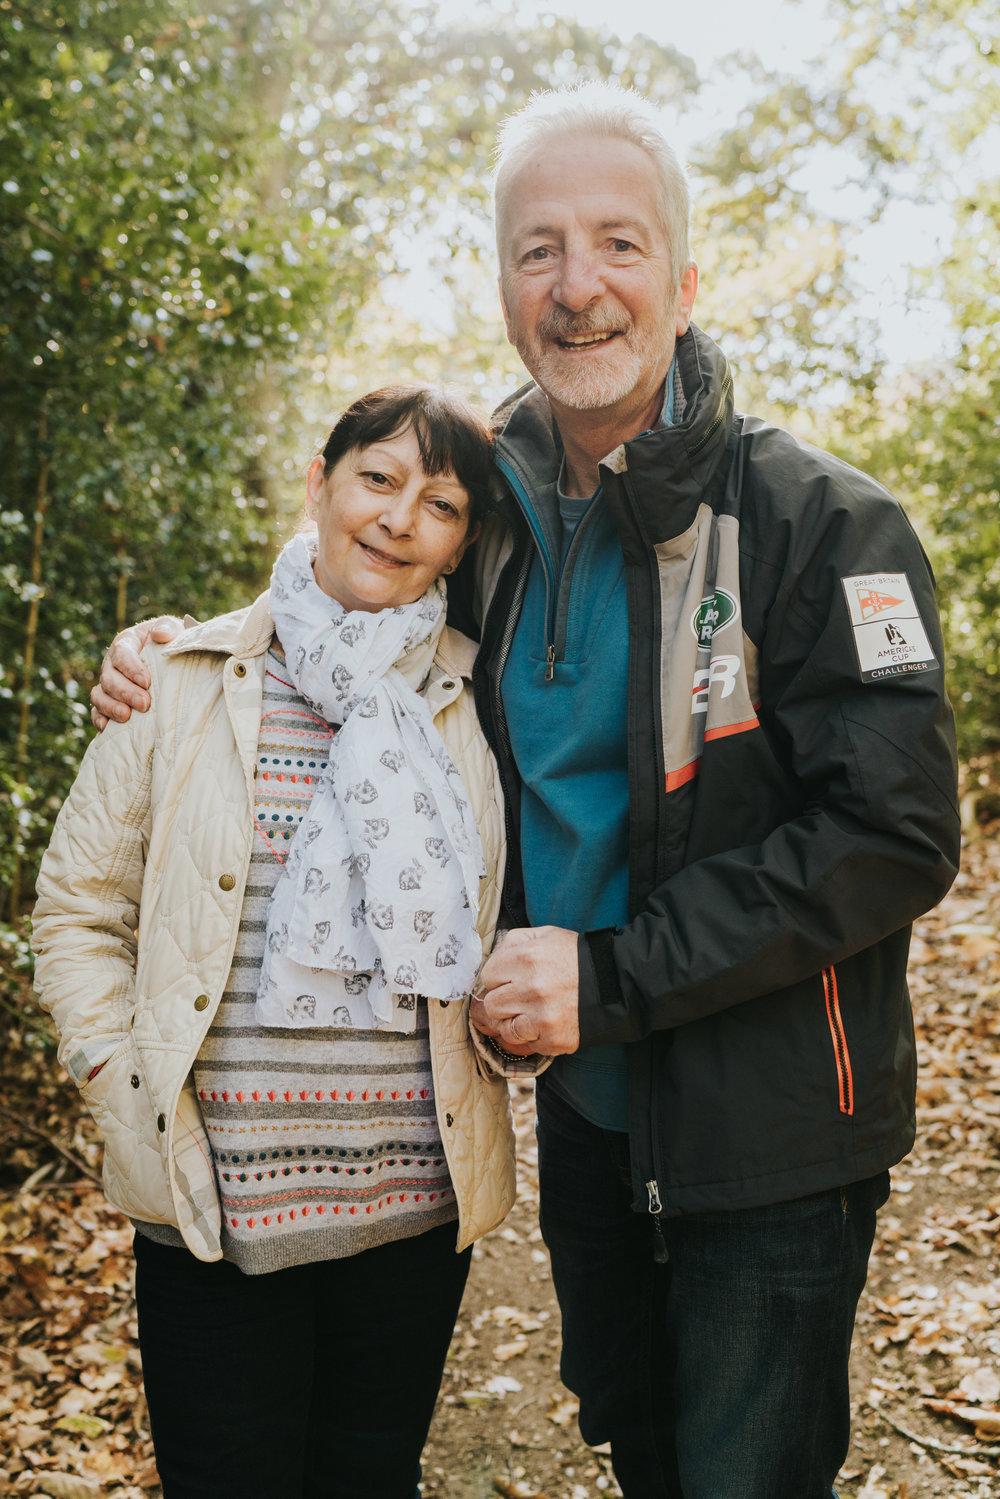 dow-woodland-family-session-colchester-essex-grace-elizabeth-colchester-essex-alternative-wedding-lifestyle-photographer-essex-suffolk-norfolk-devon (12 of 31).jpg